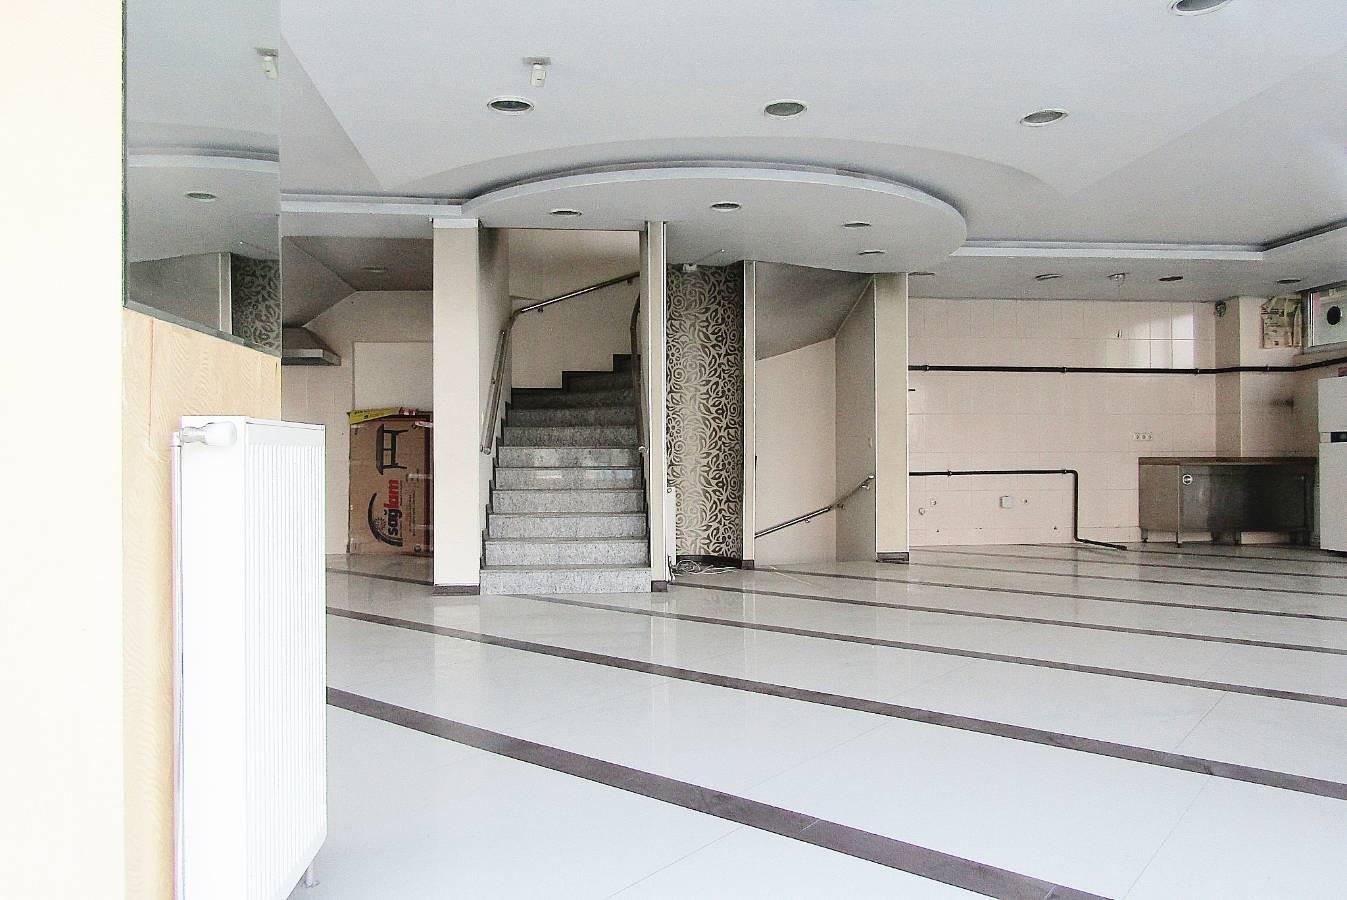 SR EMLAK'TAN K.KARABEKİR MAH'DE 350m² KÖŞE BAŞI YAPILI SATILIK DÜKKAN